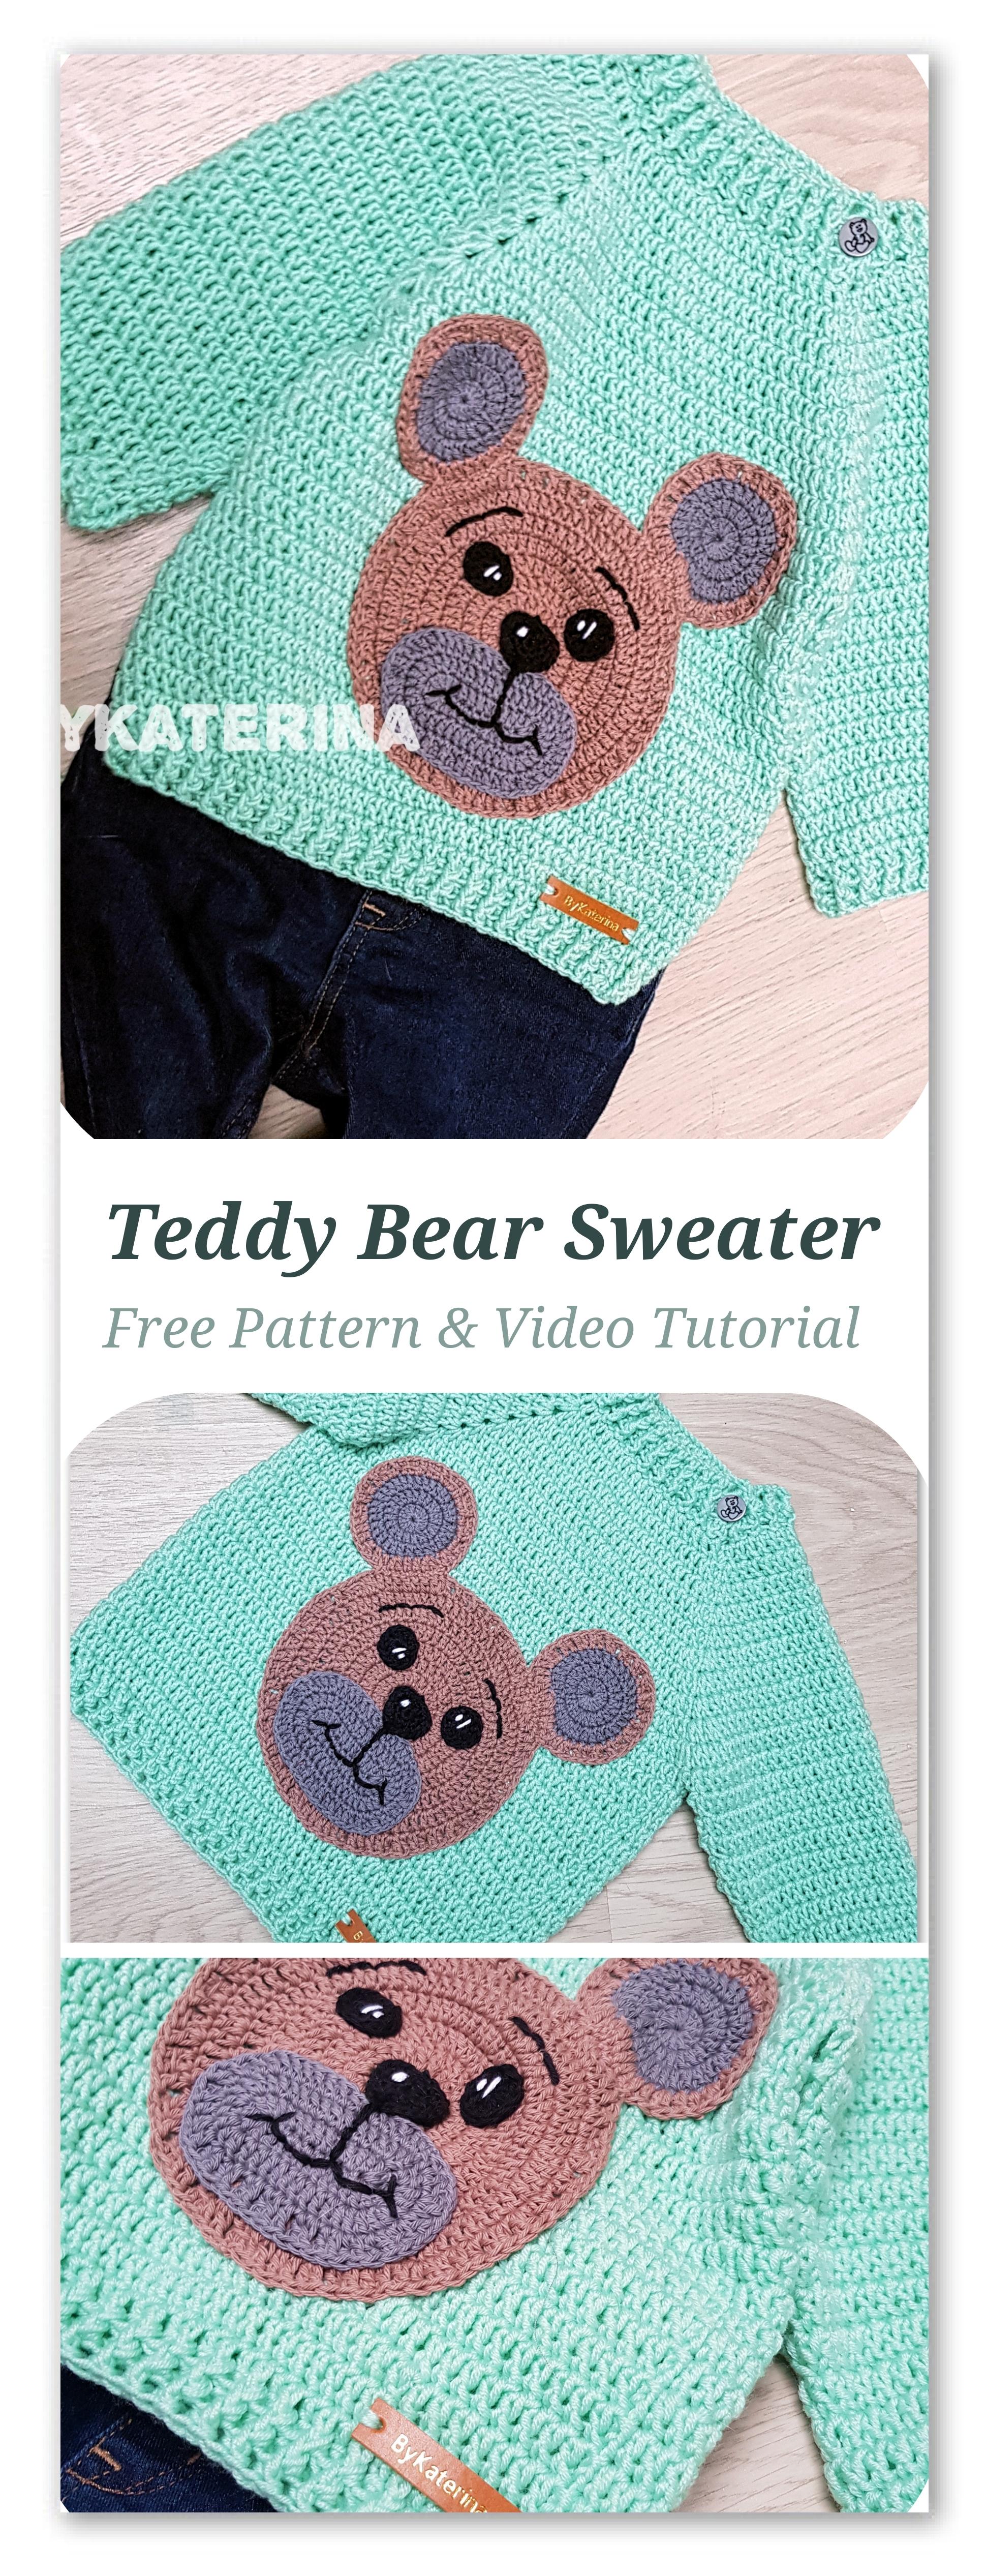 Free Crochet Pattern for an Amigurumi Teddy Bear in a Sweater ... | 5066x1940